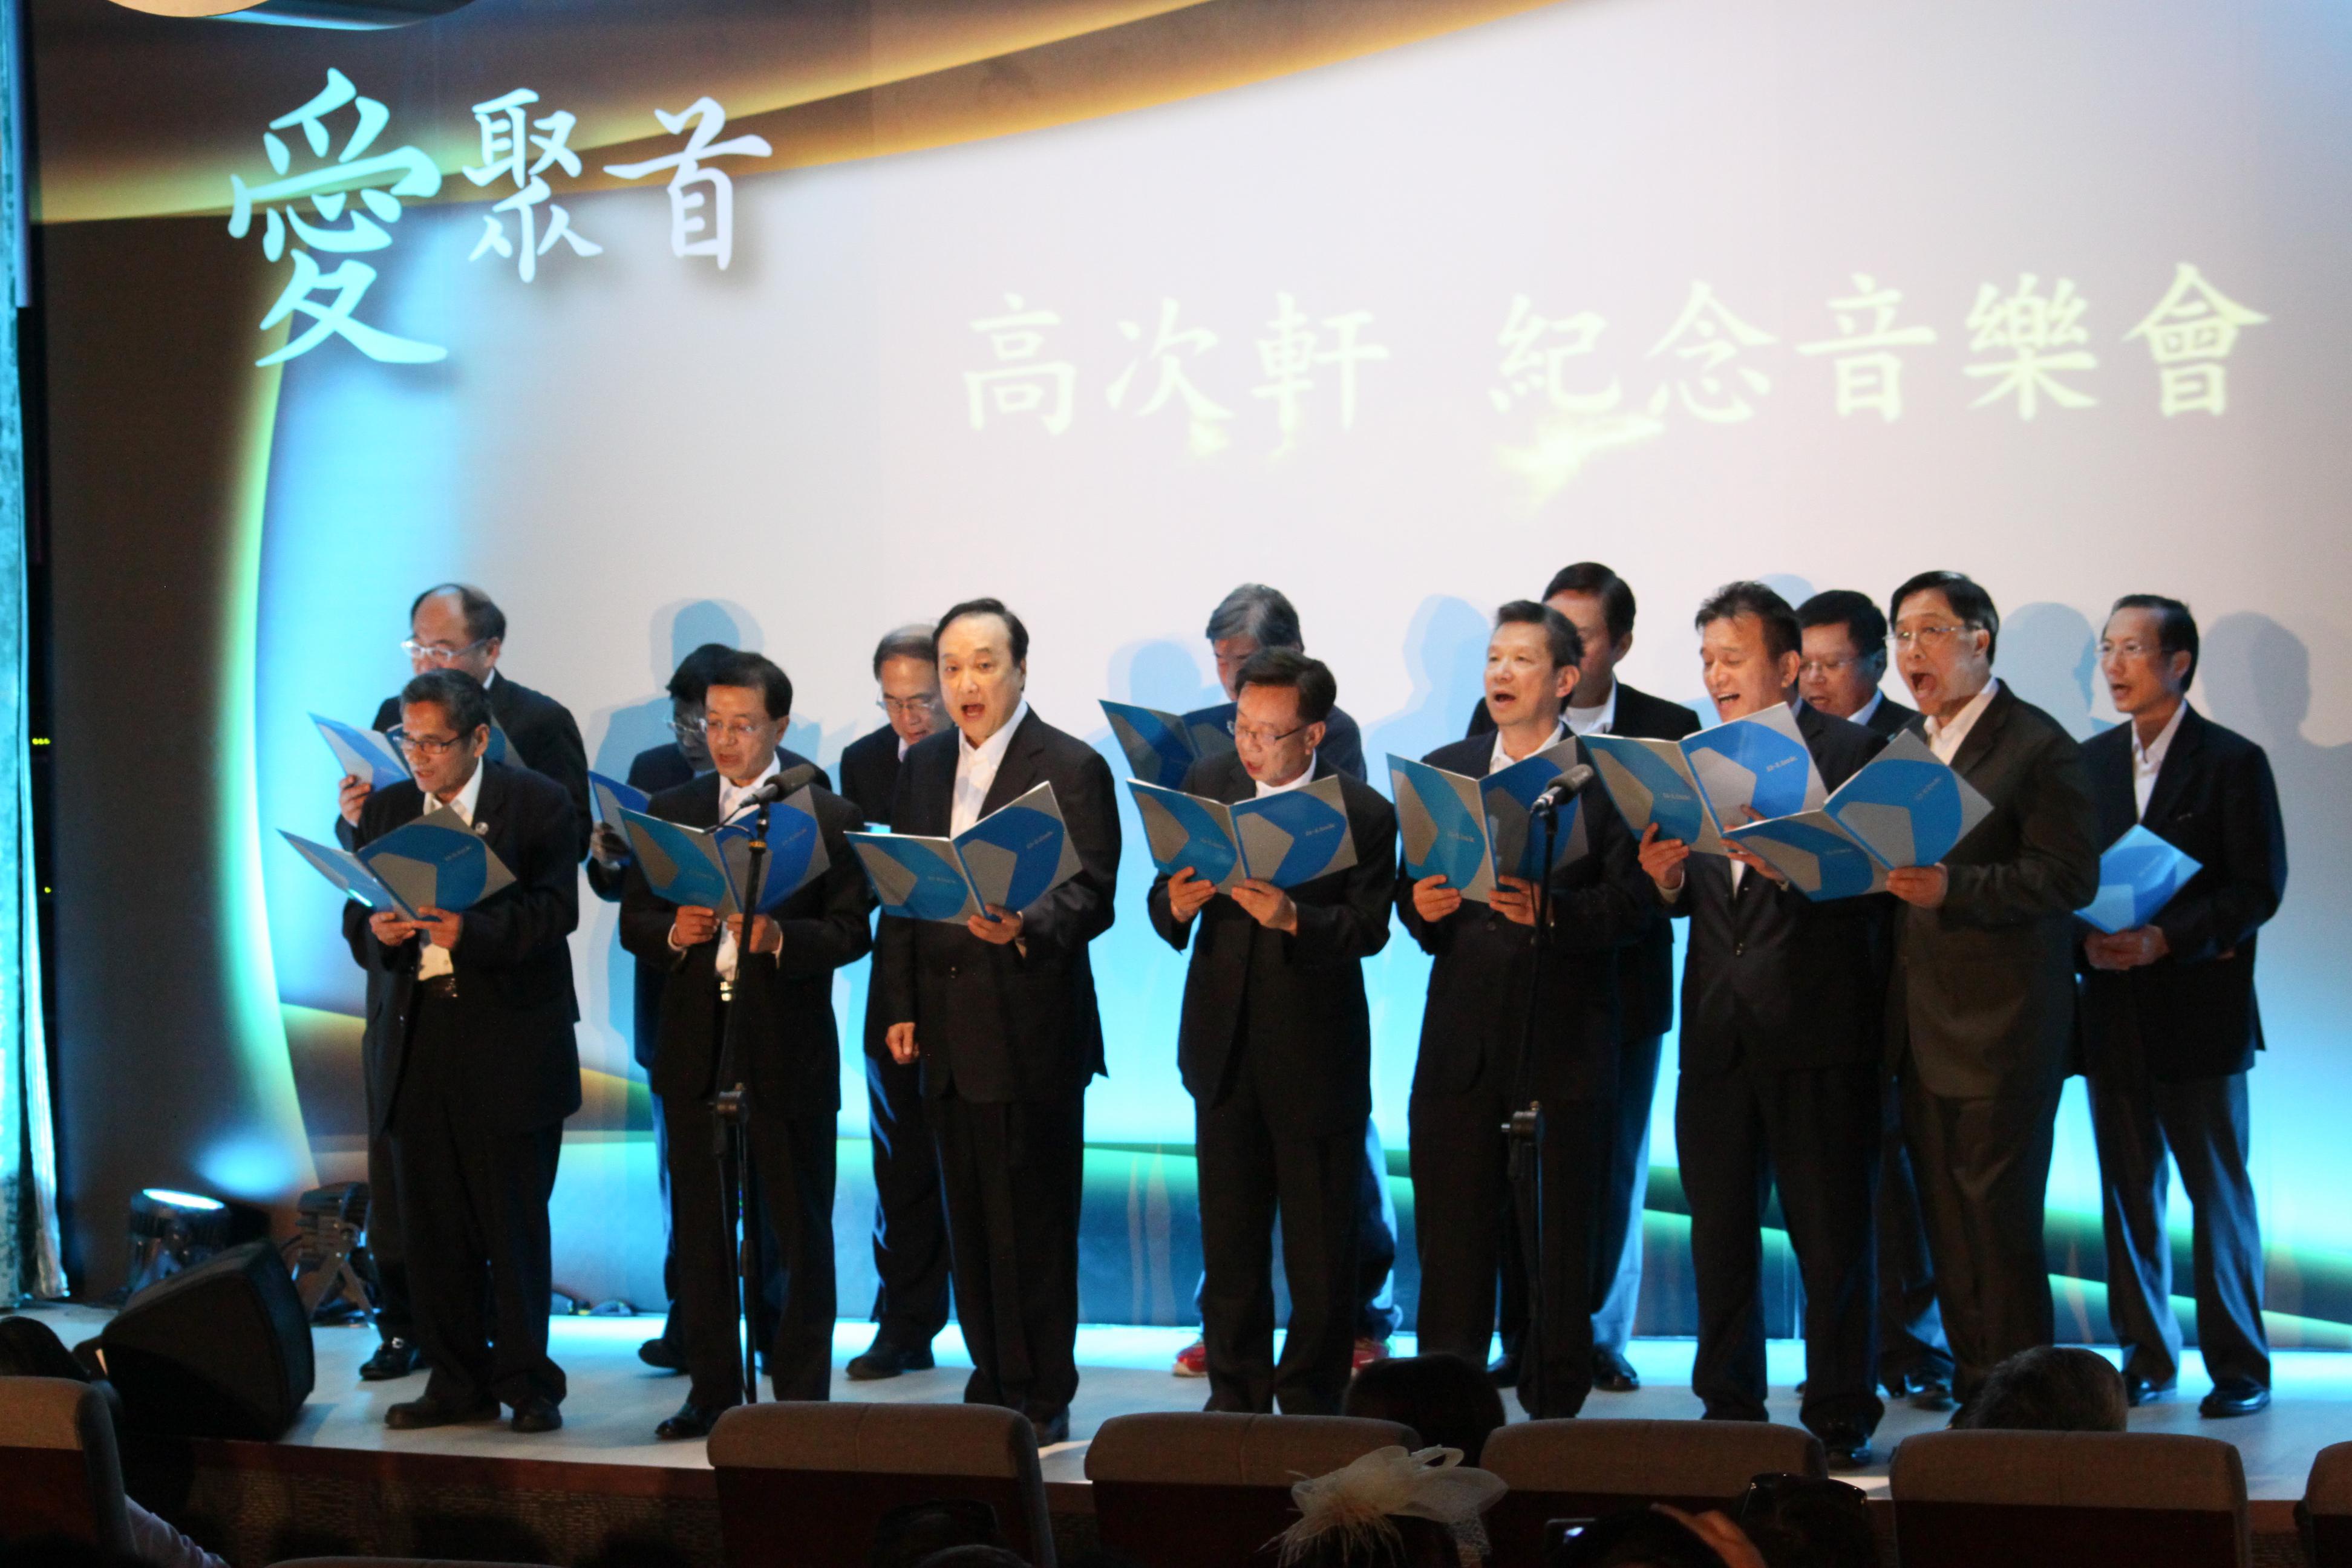 國立交通大學音樂會,台中婚錄推薦張西米5